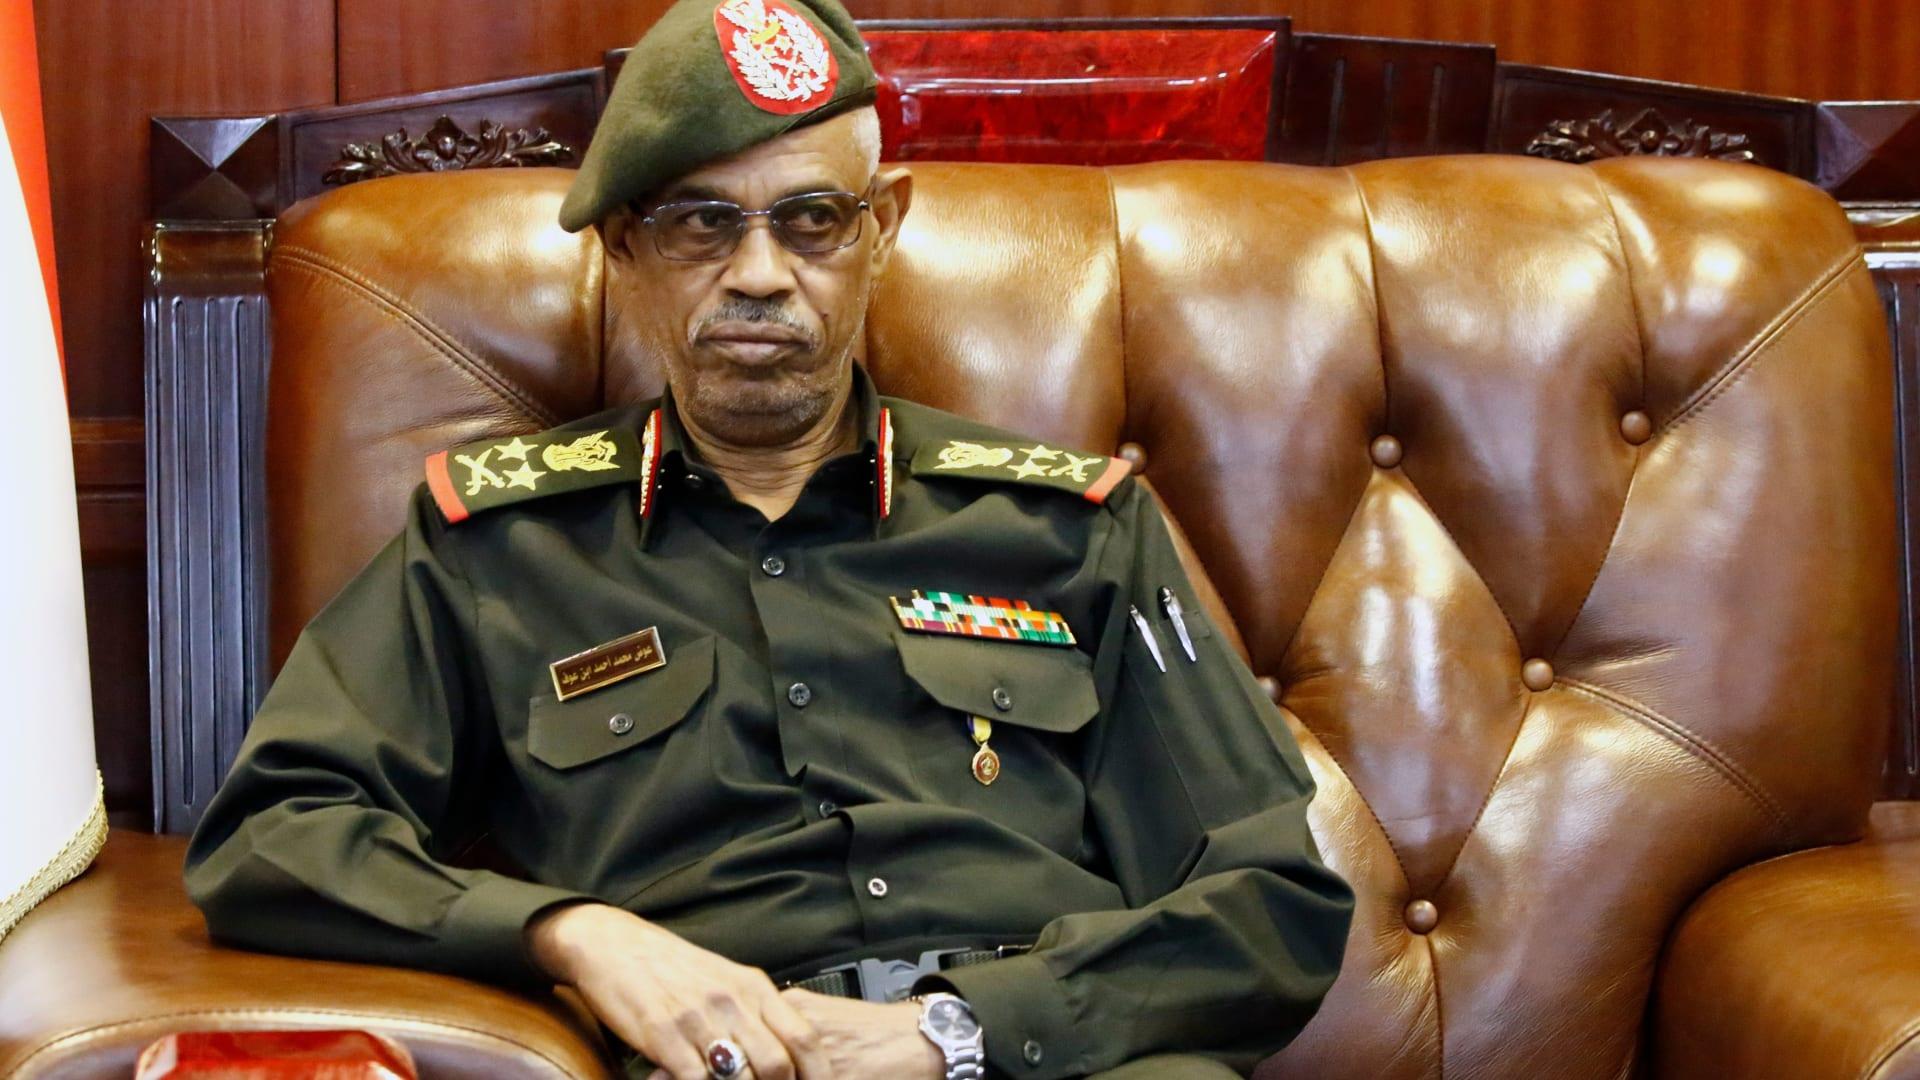 سودانيون يحتجون ضد وزير الدفاع بعد الانقلاب: تسقط بس